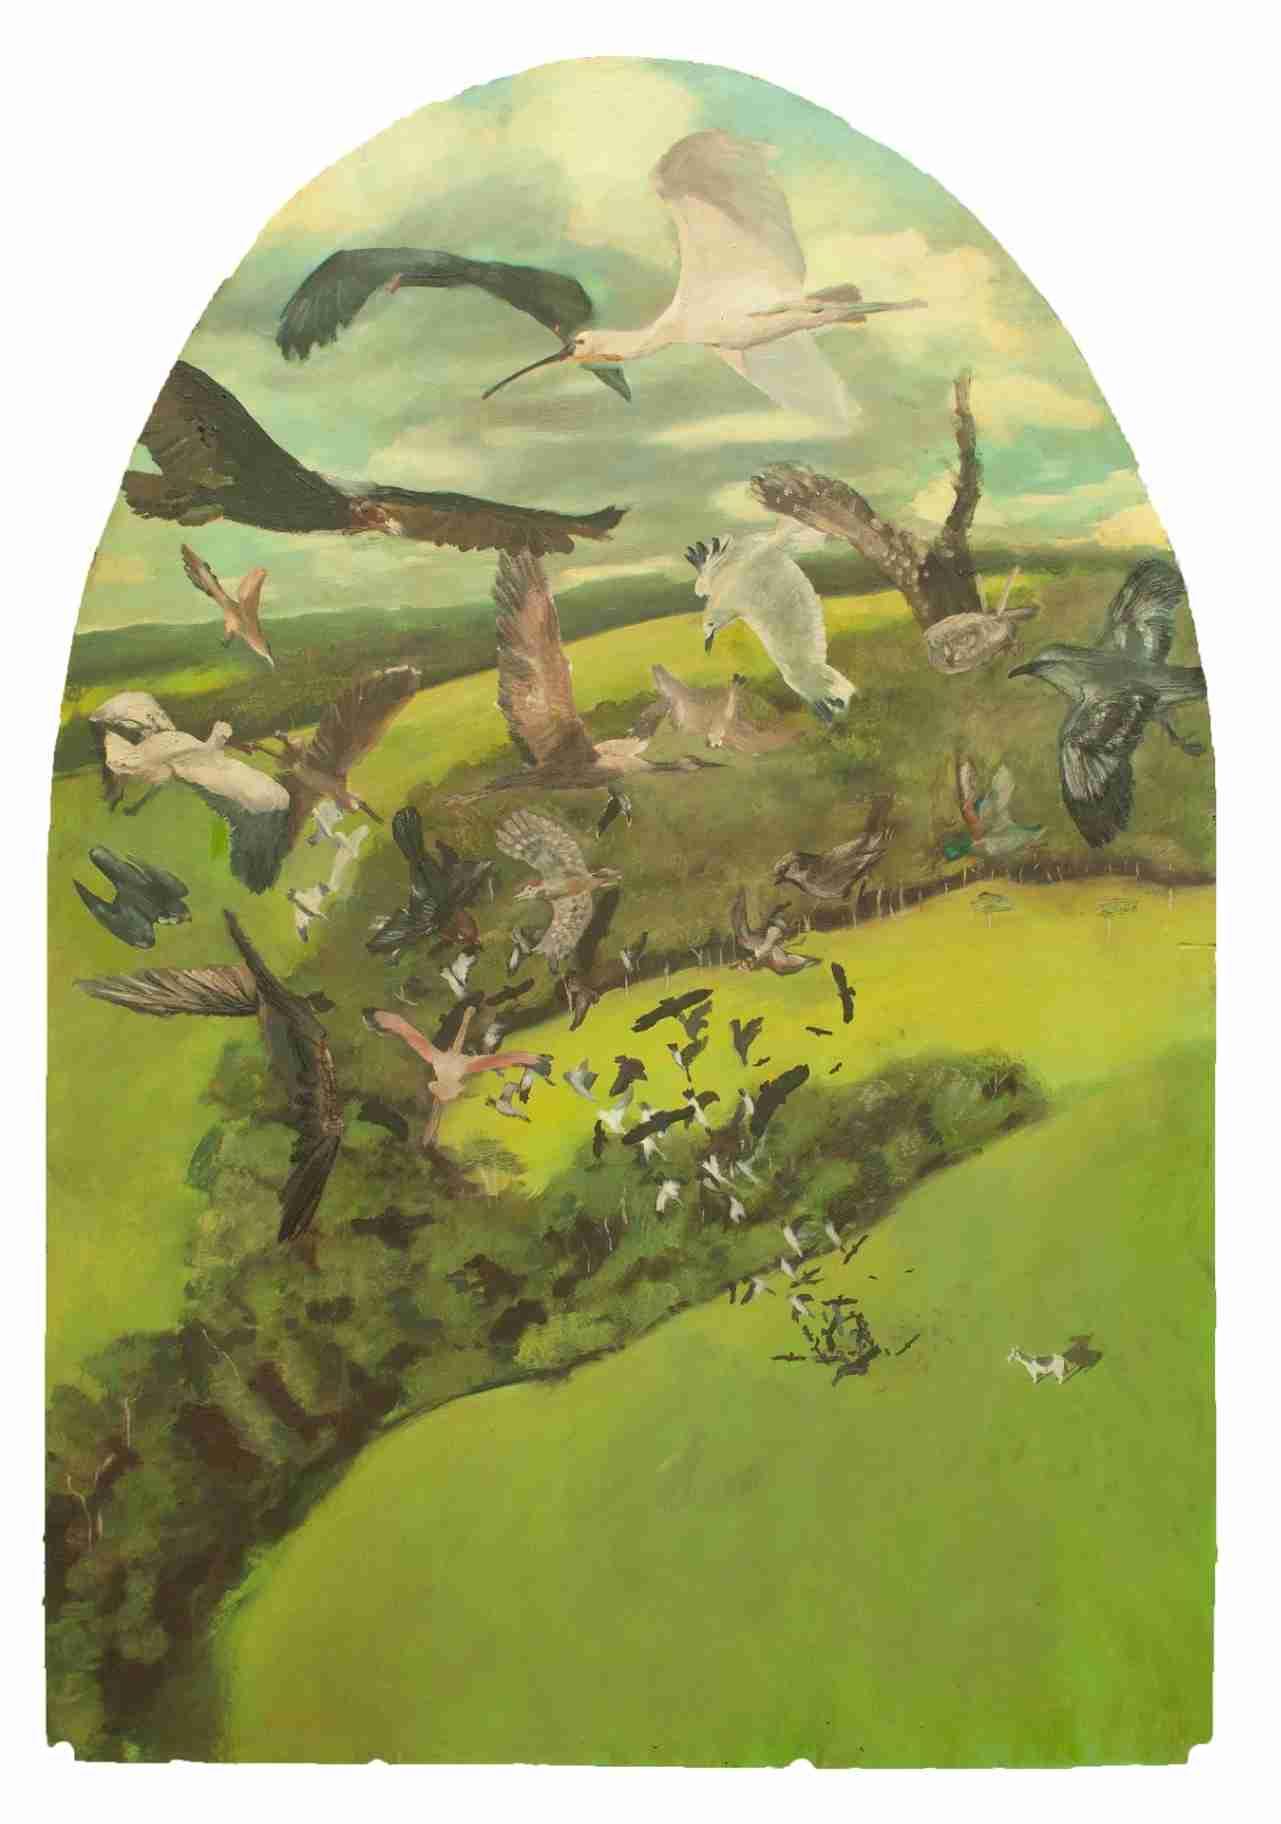 Obra: La conjura de las aves (Cuatro versiones de la muerte de Maceo en los sueños de Manuel Piedra Martel)